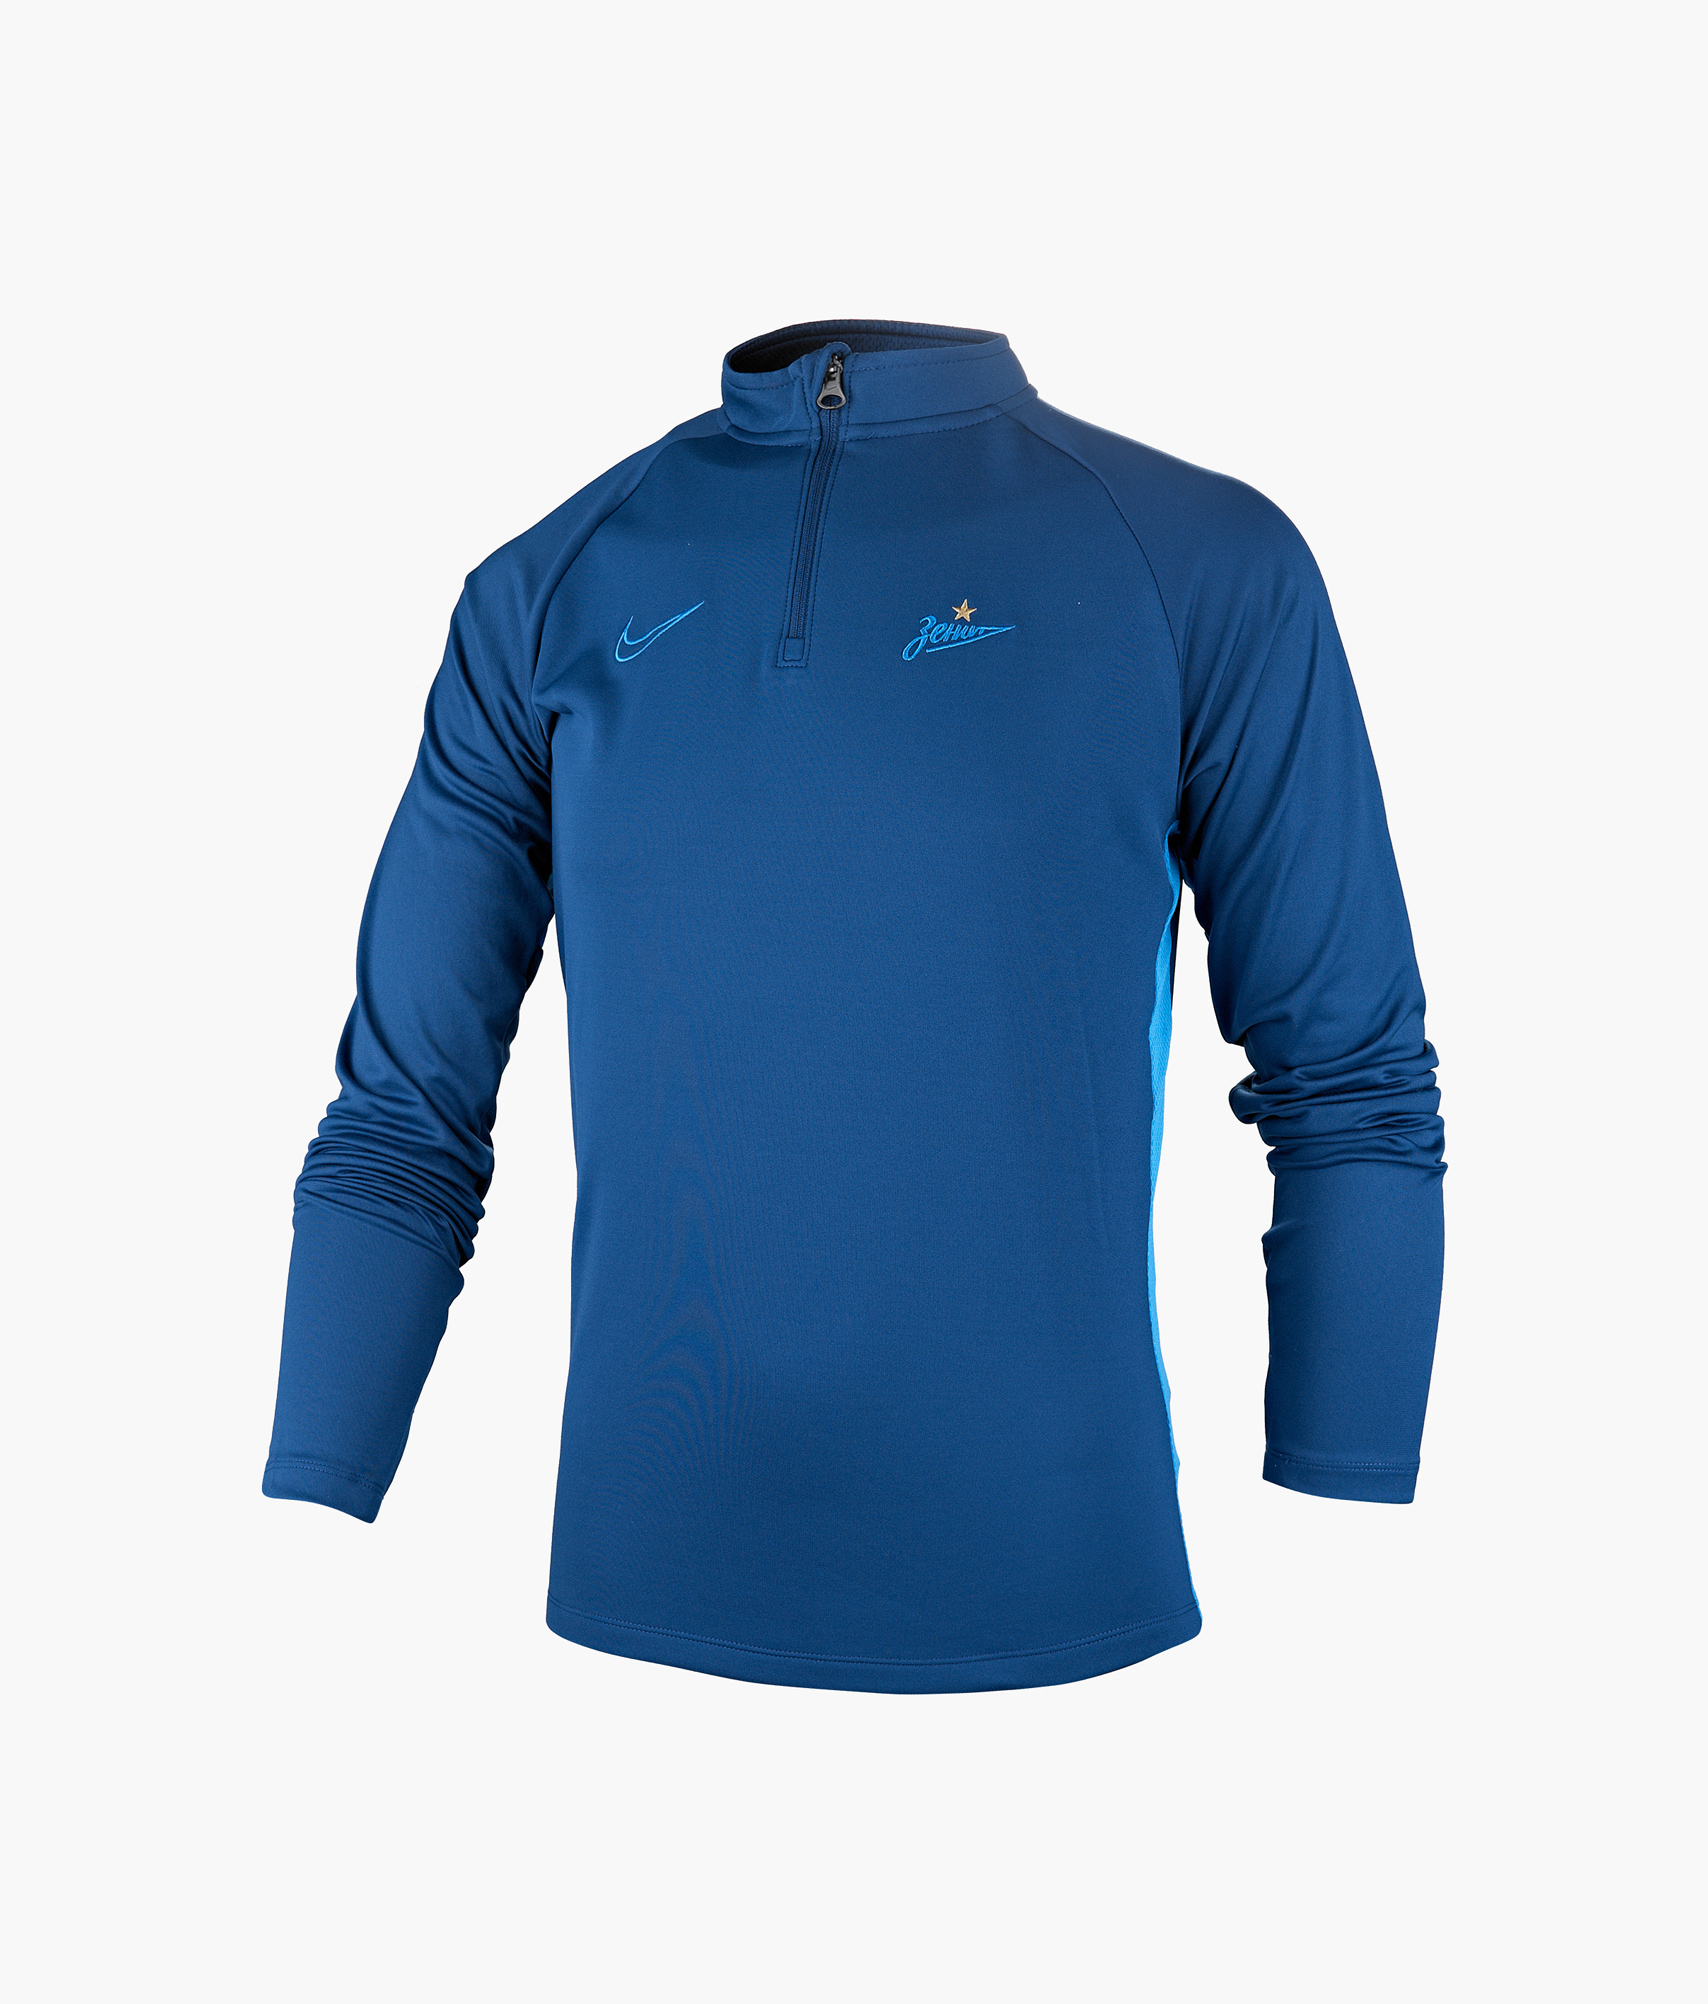 Джемпер тренировочный подростковый Nike Цвет-Синий